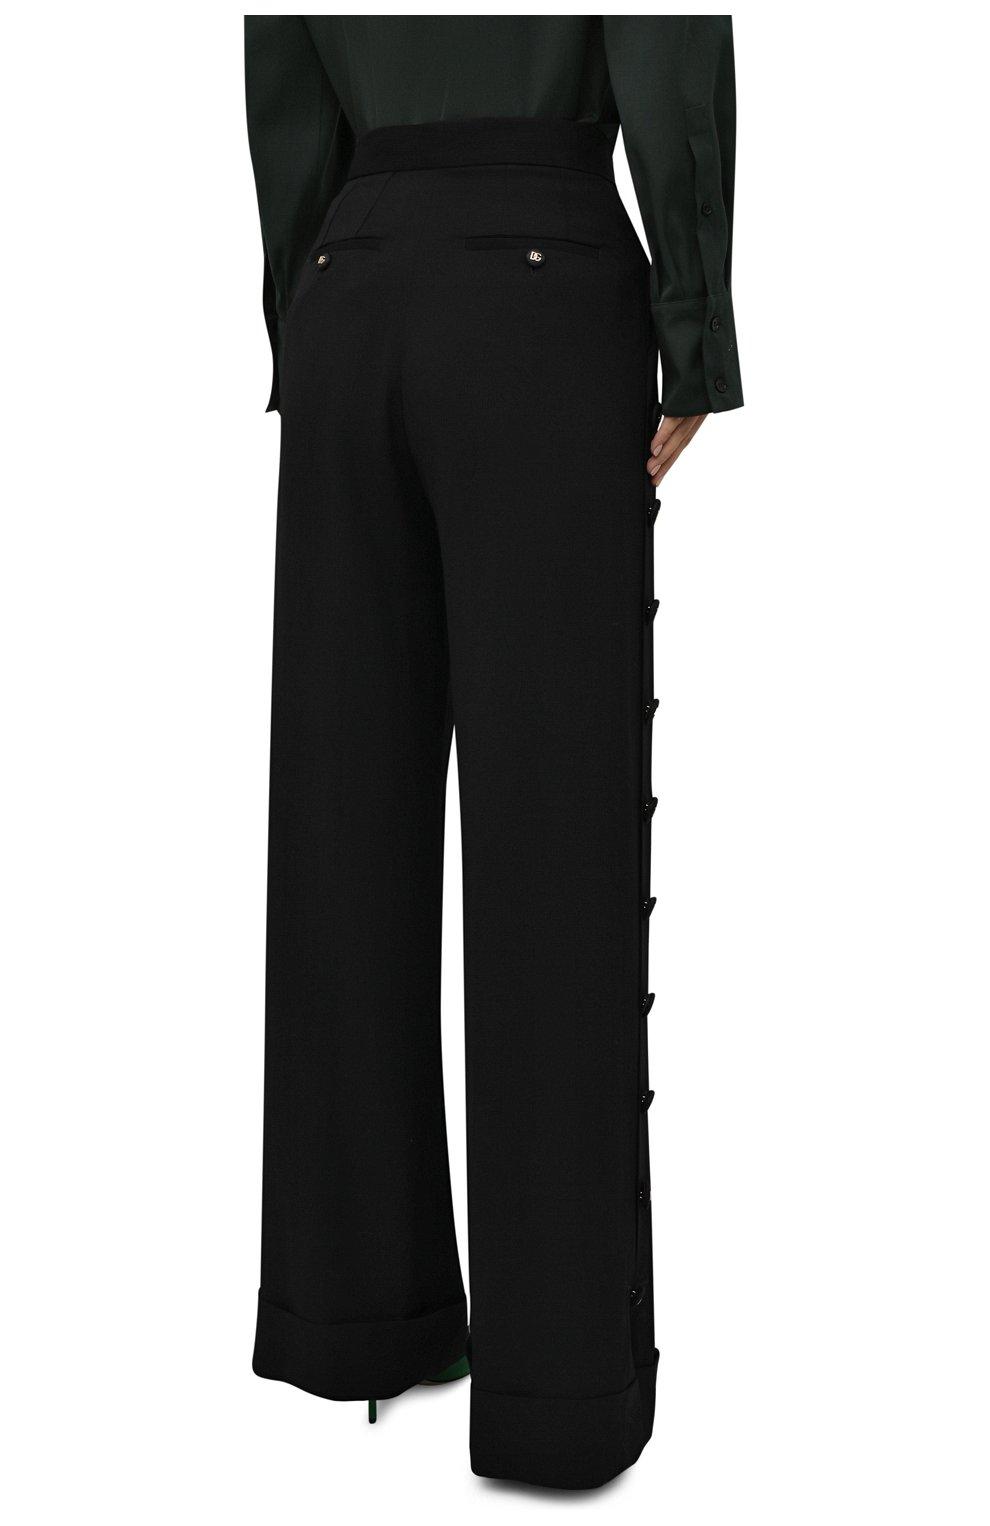 Женские брюки из вискозы и шерсти DOLCE & GABBANA черного цвета, арт. FTB33T/FU3AB | Фото 4 (Длина (брюки, джинсы): Удлиненные; Материал внешний: Шерсть, Вискоза; Женское Кросс-КТ: Брюки-одежда; Силуэт Ж (брюки и джинсы): Расклешенные; Стили: Кэжуэл)